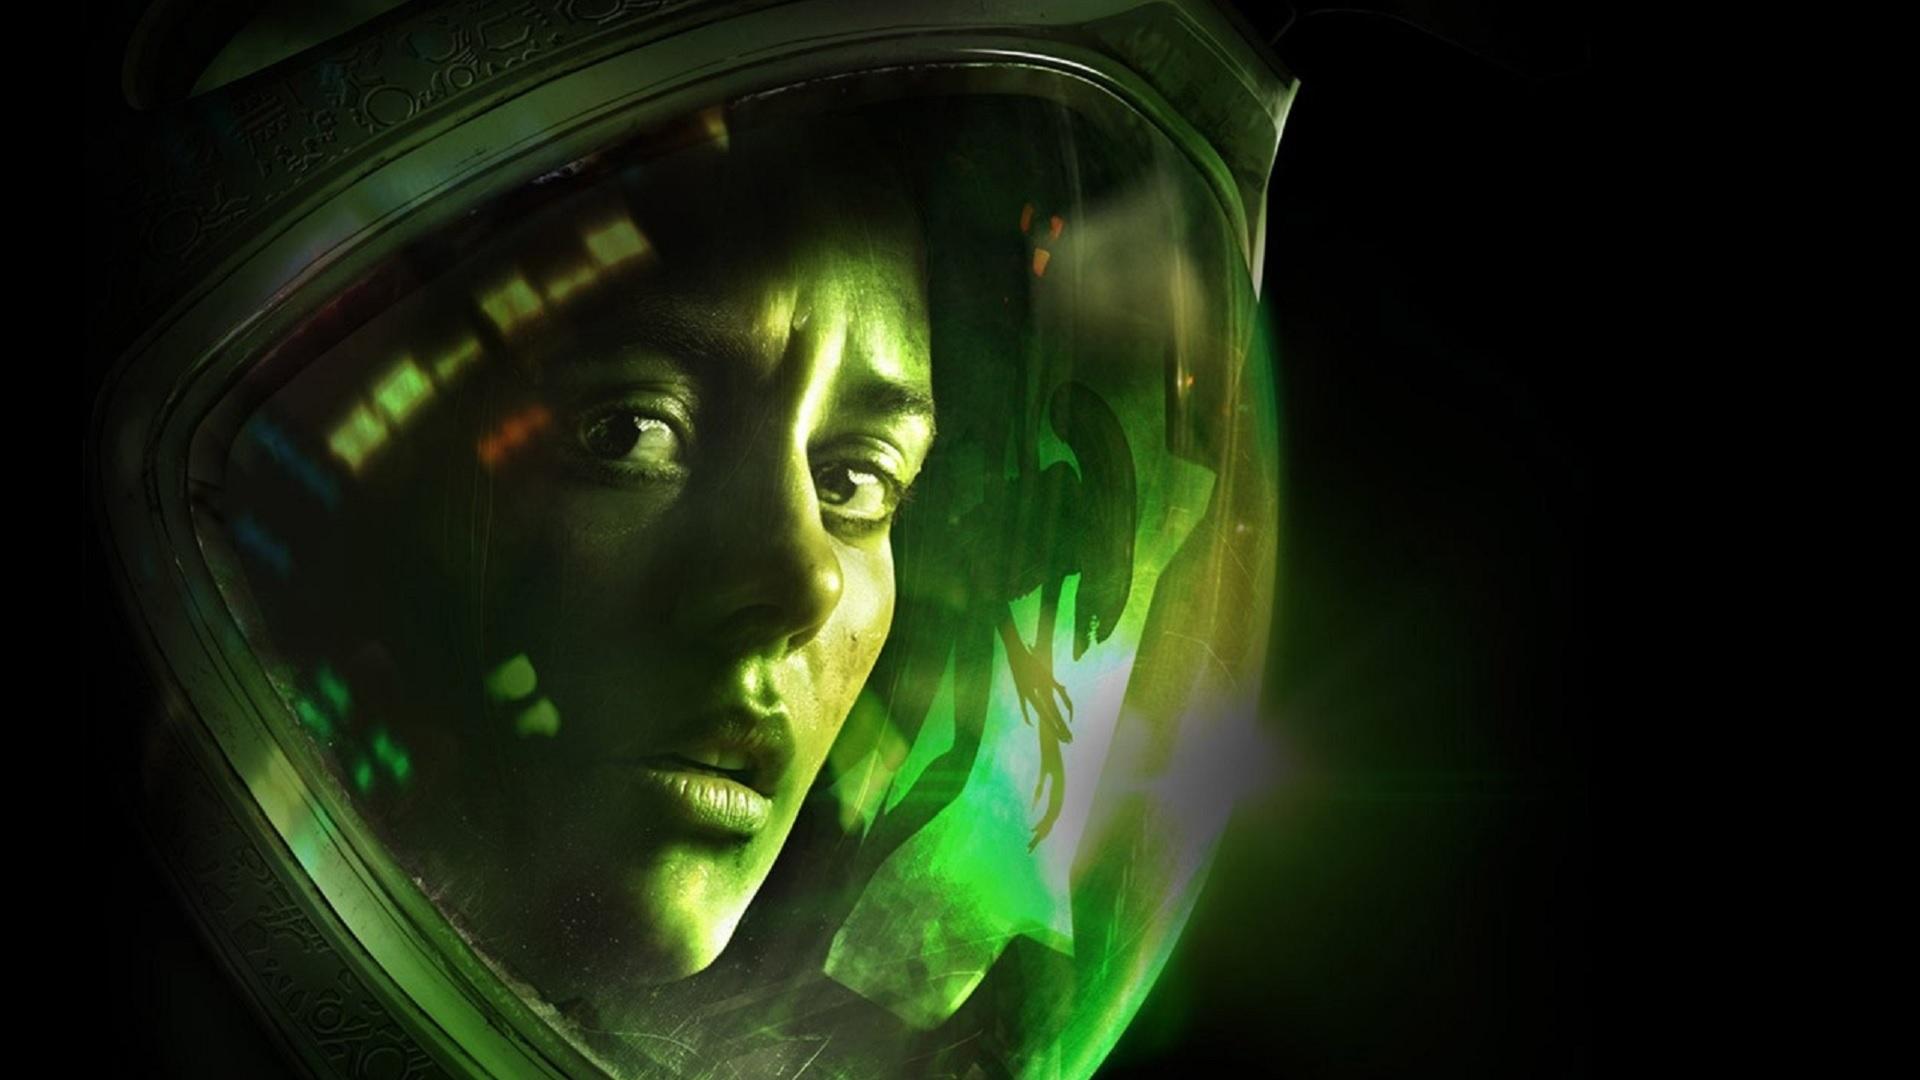 Games like Resident Evil - Alien: Isolation